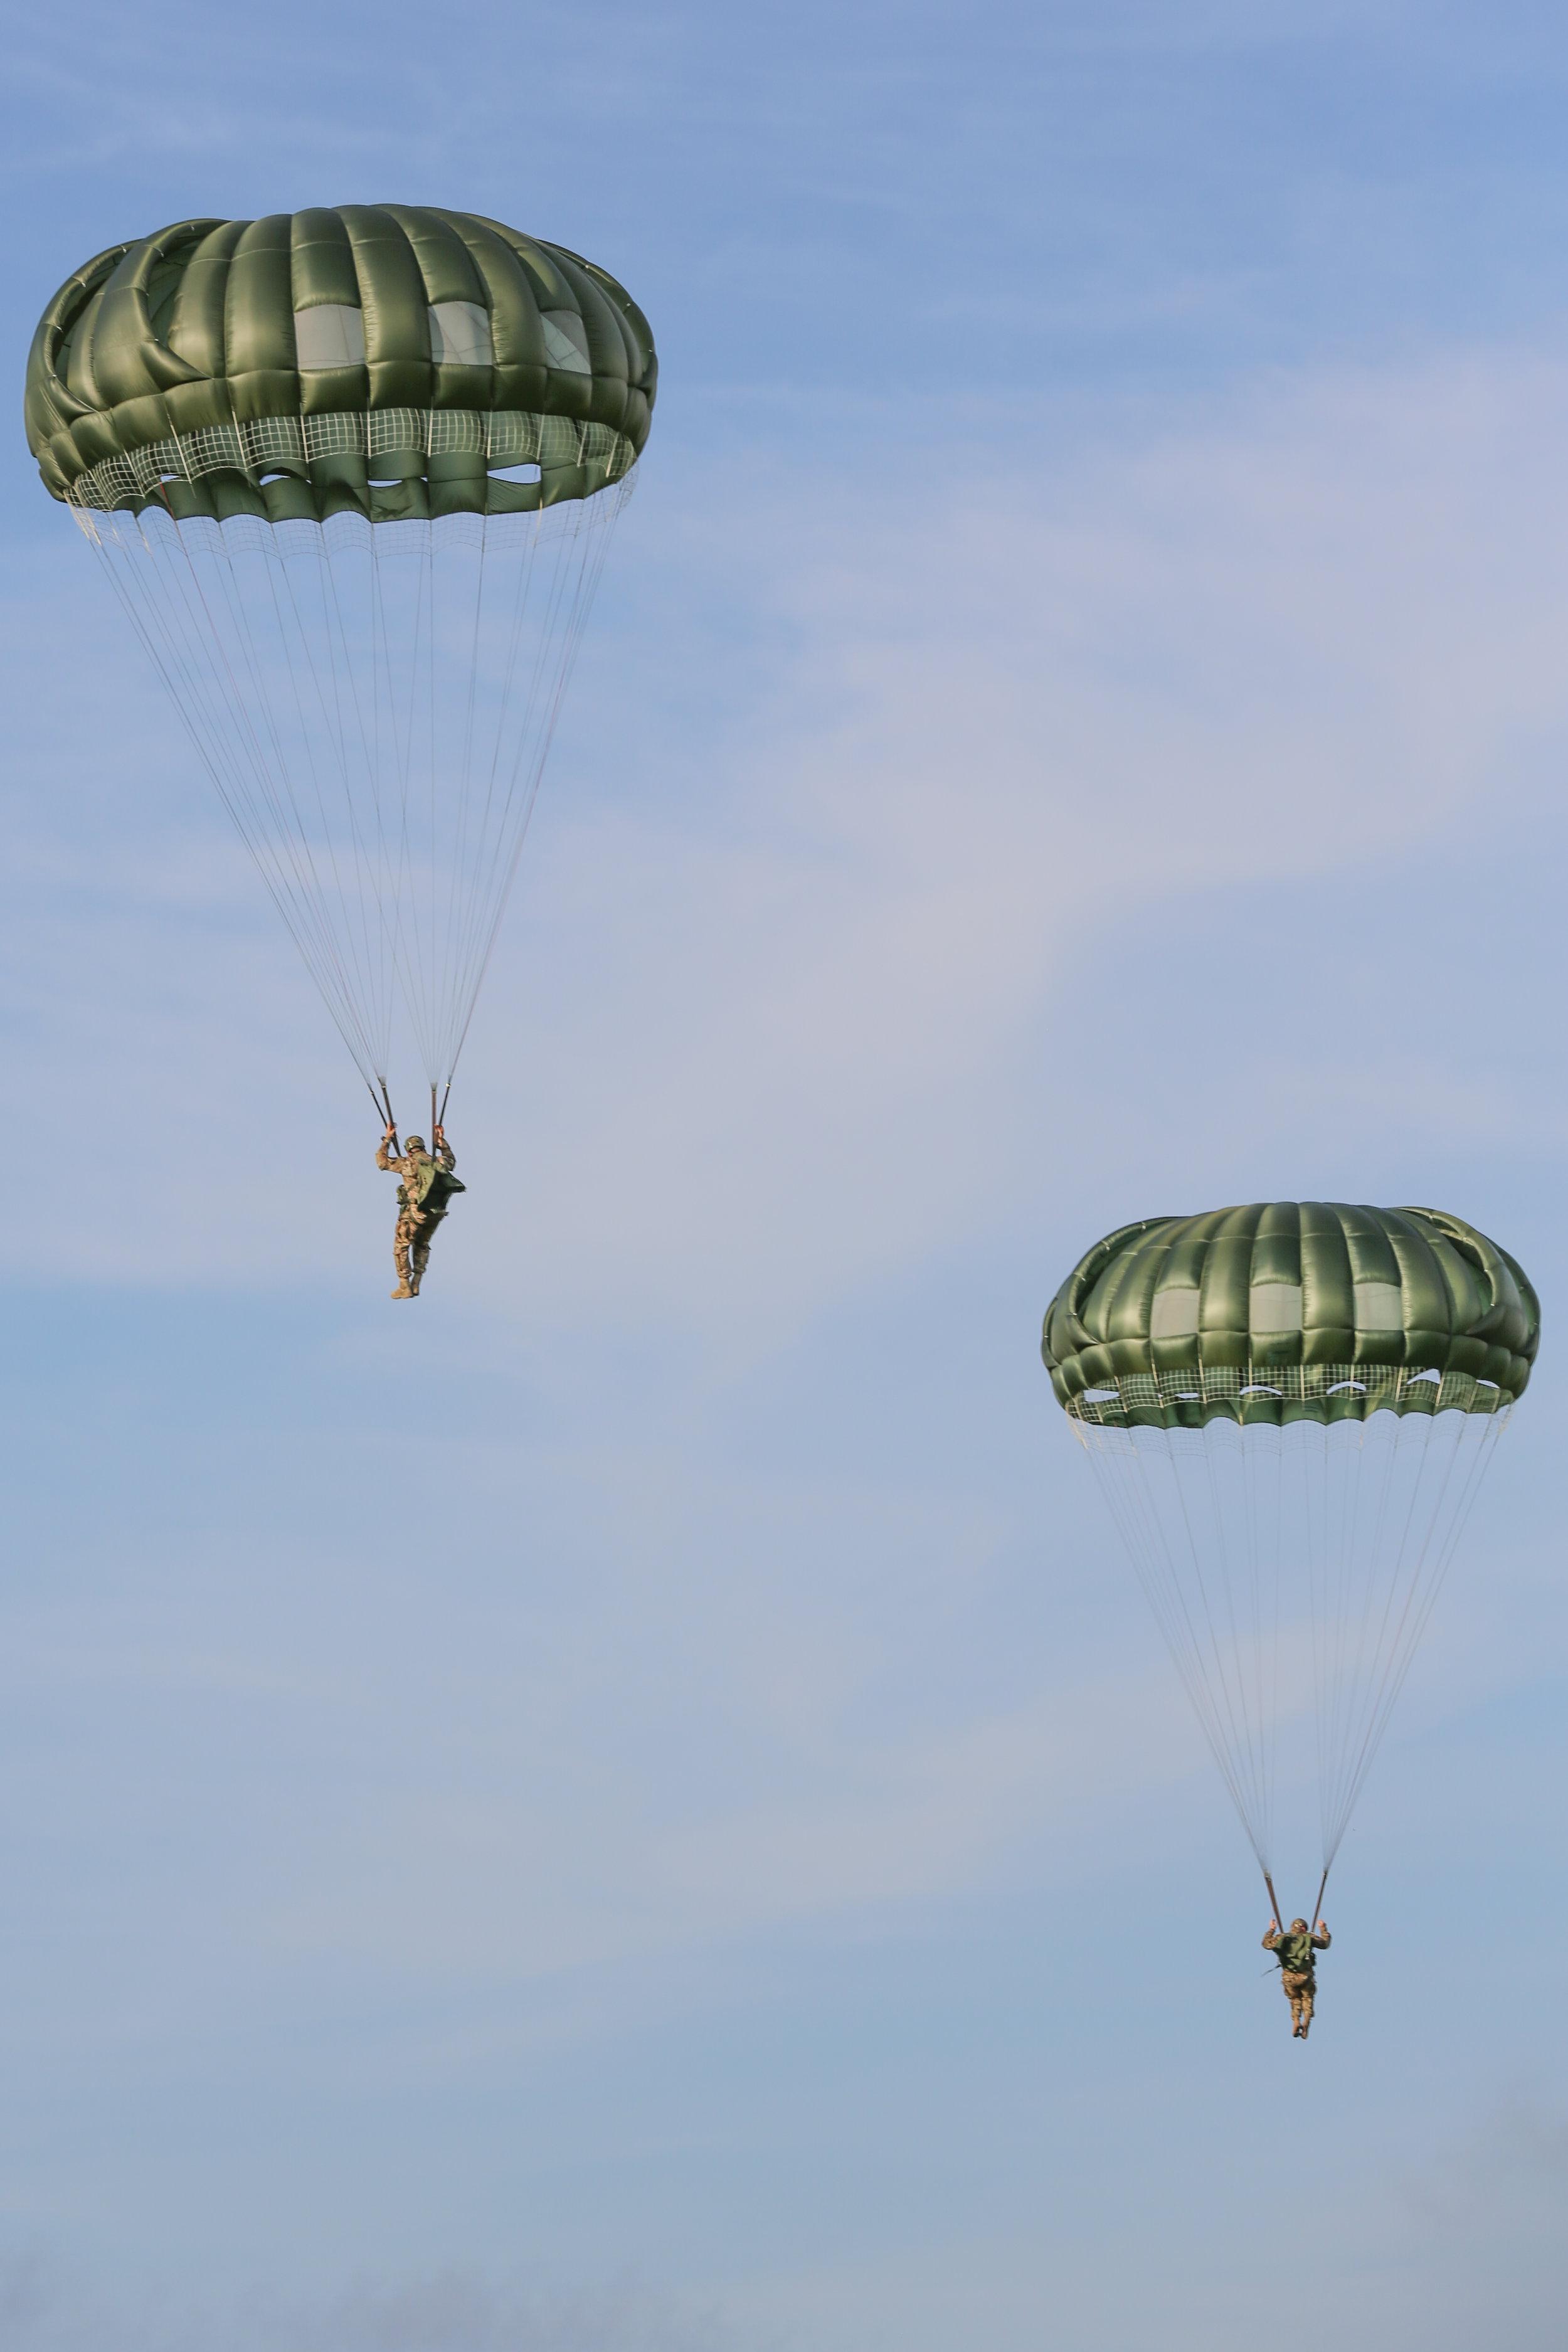 170812 - ParatrooperAugustSet3-1095 (119).jpg